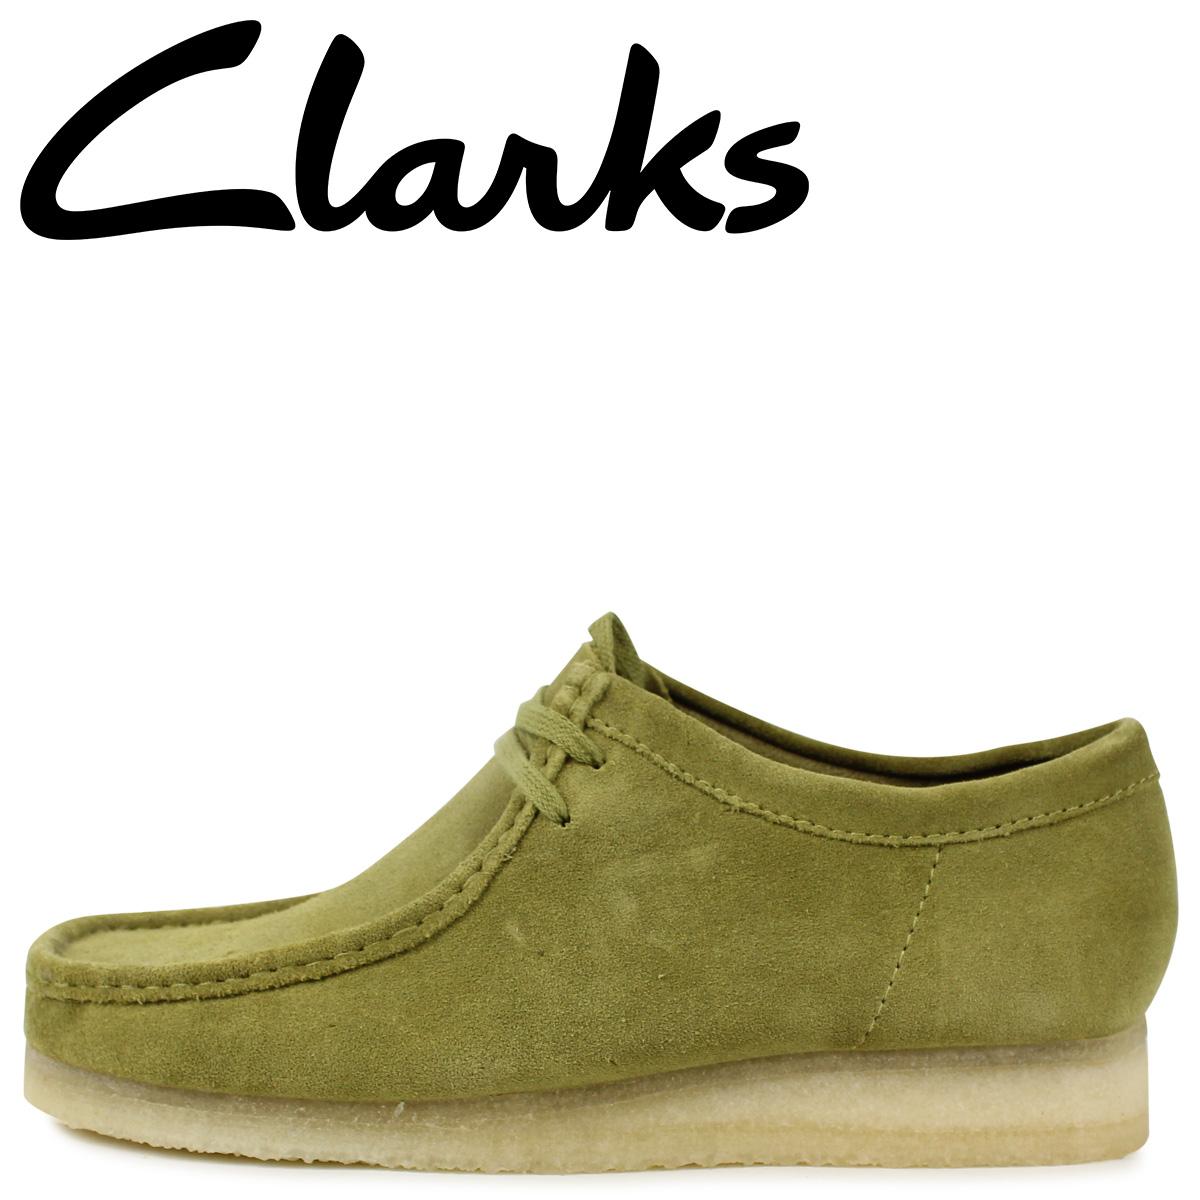 Clarks クラークス ワラビー ブーツ メンズ WALLABEE カーキ 26146513